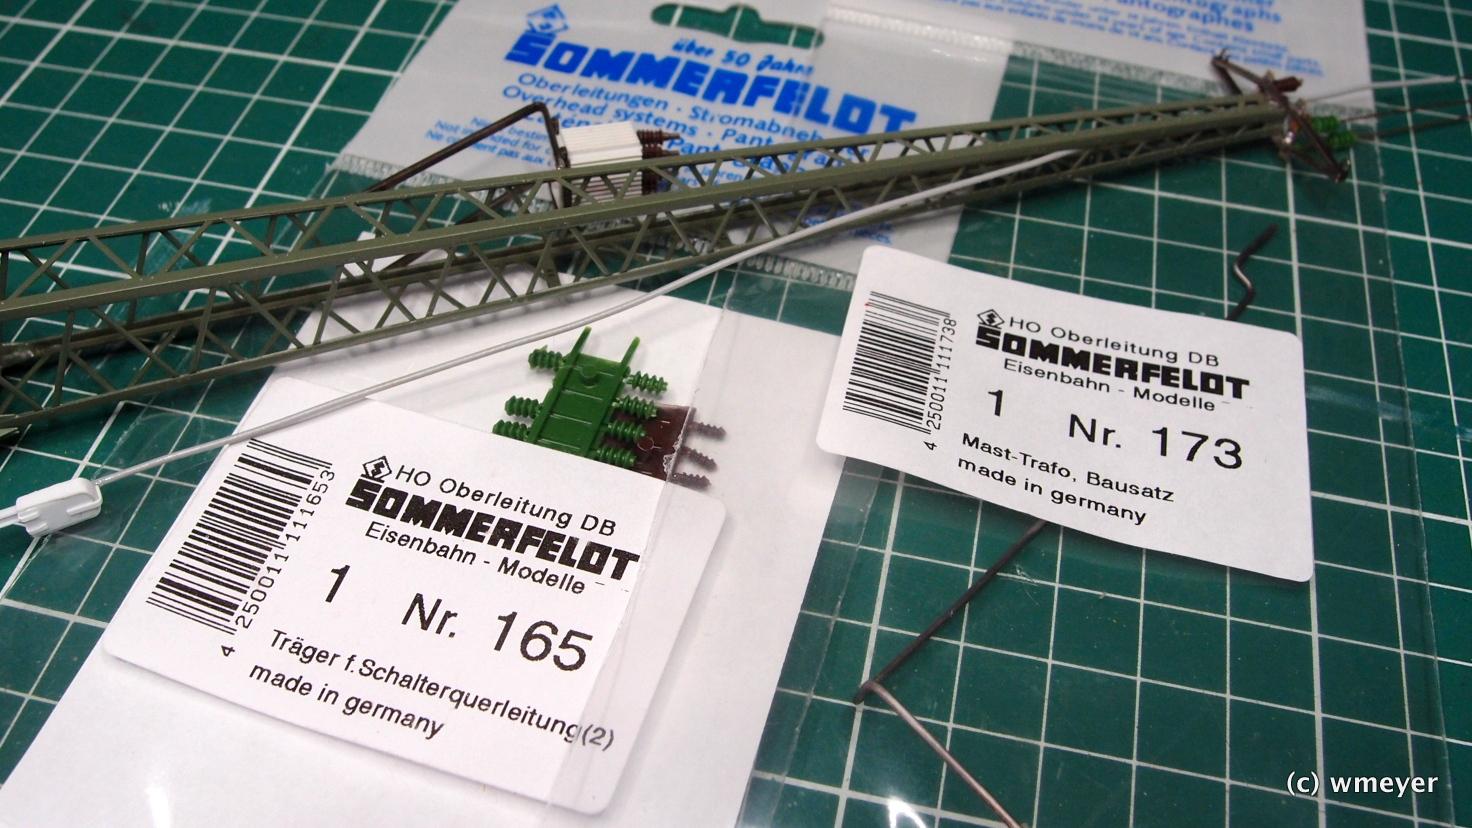 2x Sommerfeldt und Kunststoffreste